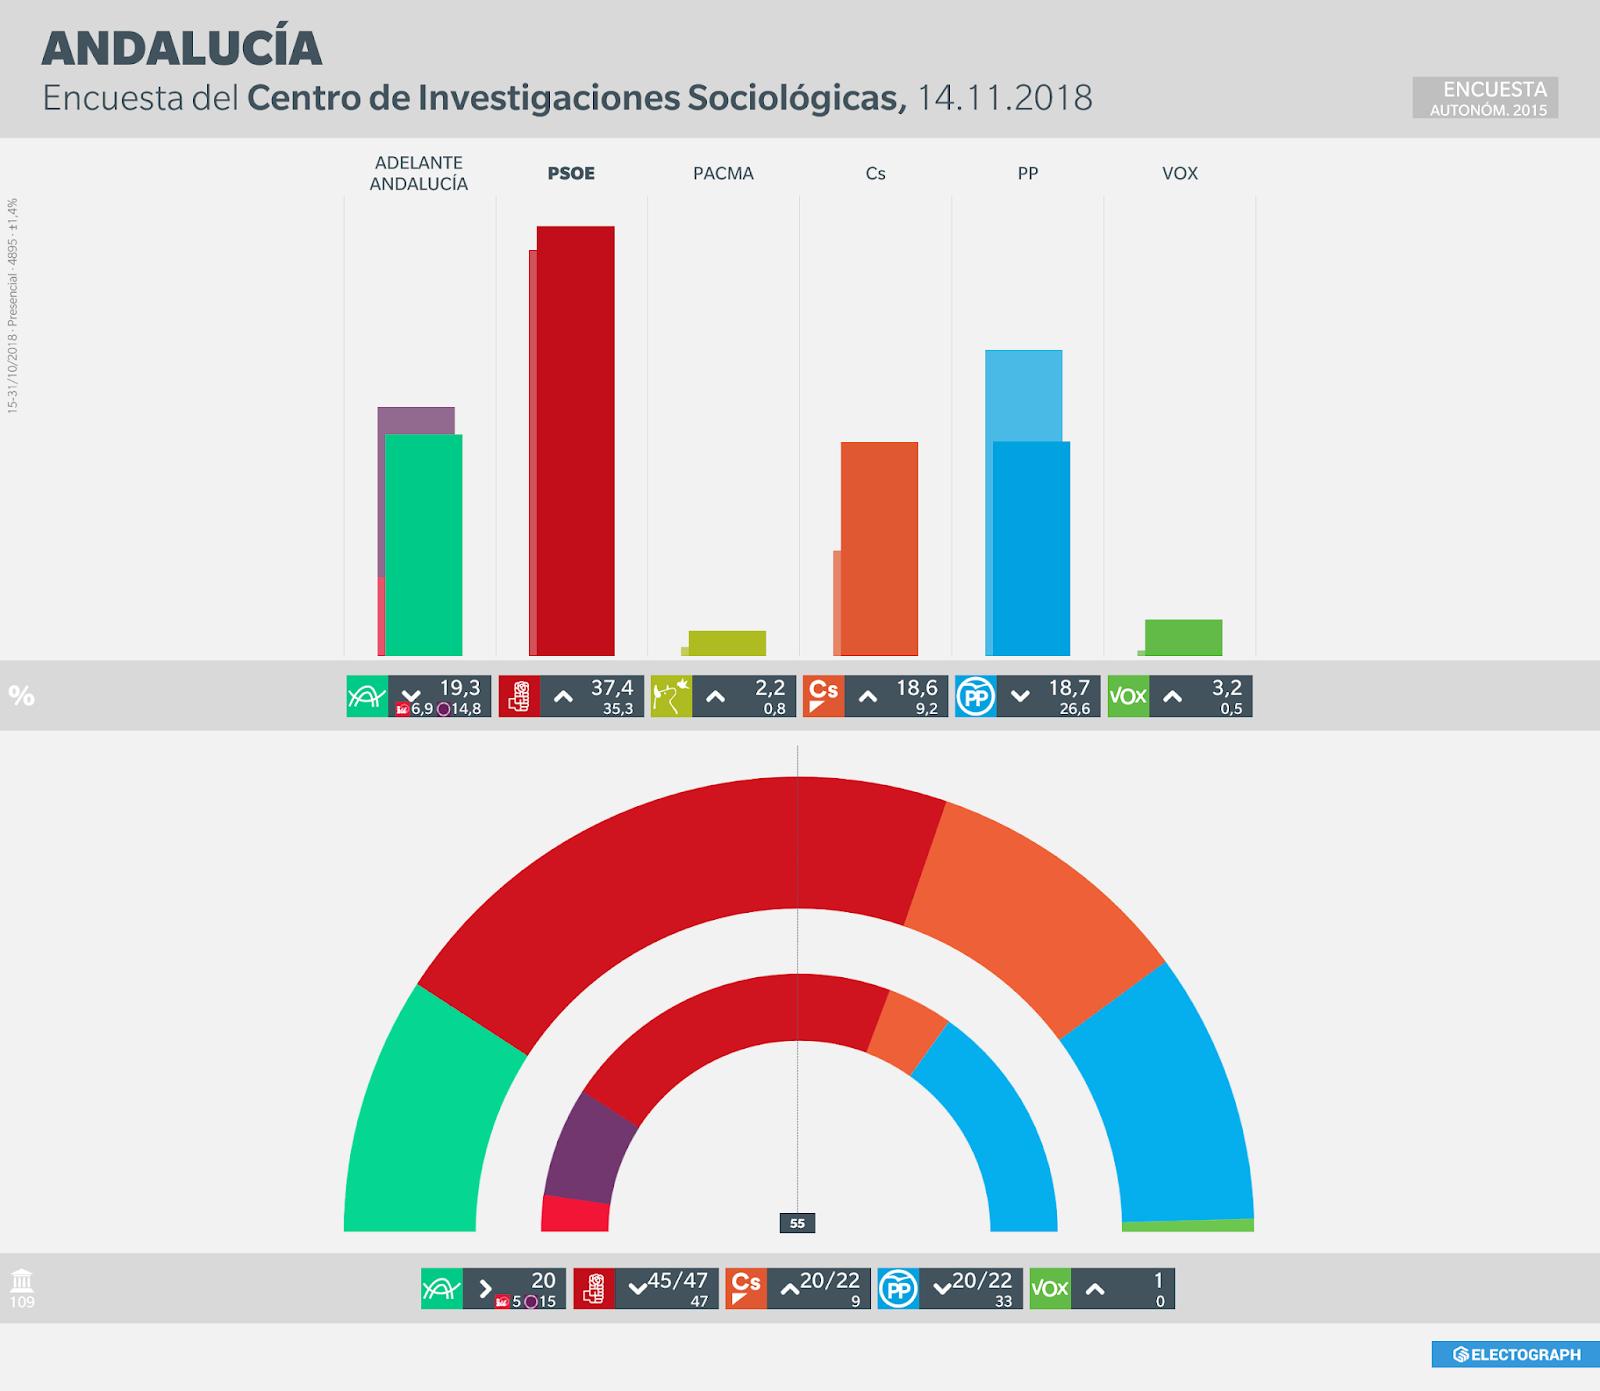 Gráfico de la encuesta para elecciones autonómicas en Andalucía realizada por el CIS en octubre de 2018